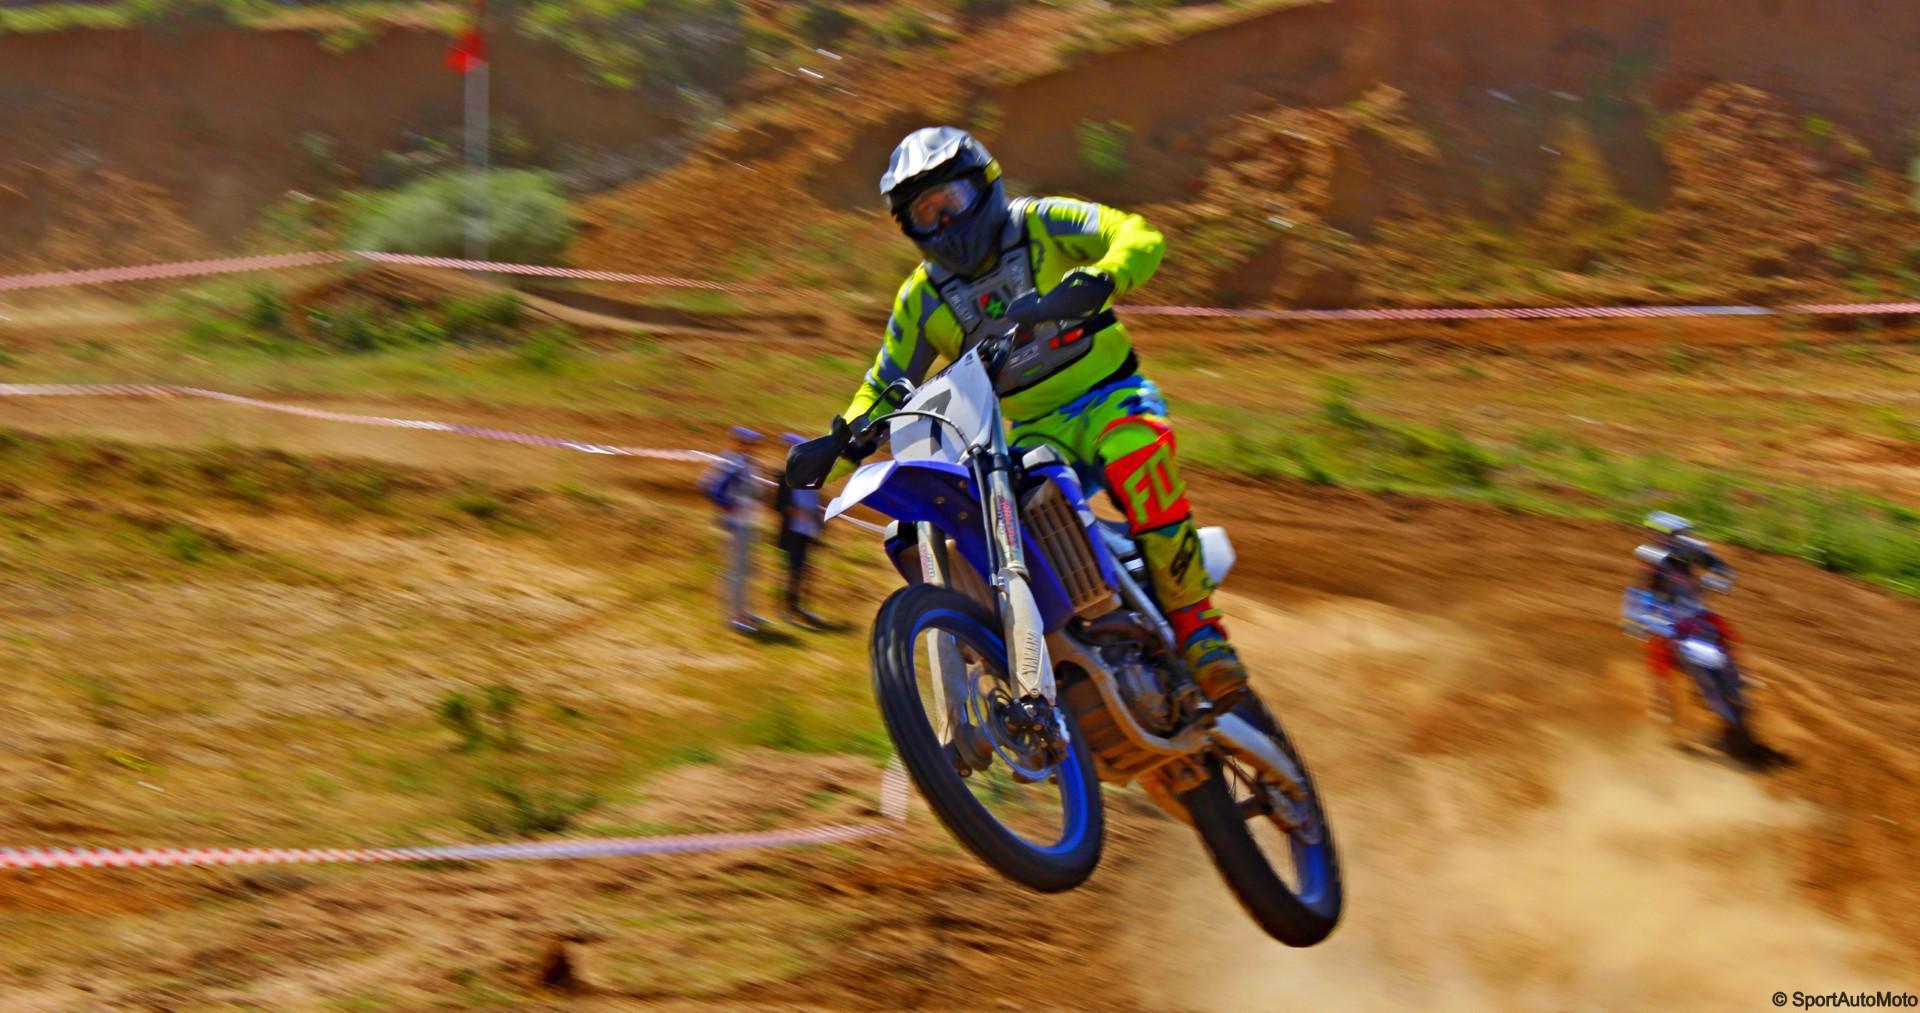 championnat-du-maroc-de-motocross-kenitra-774-8.jpg